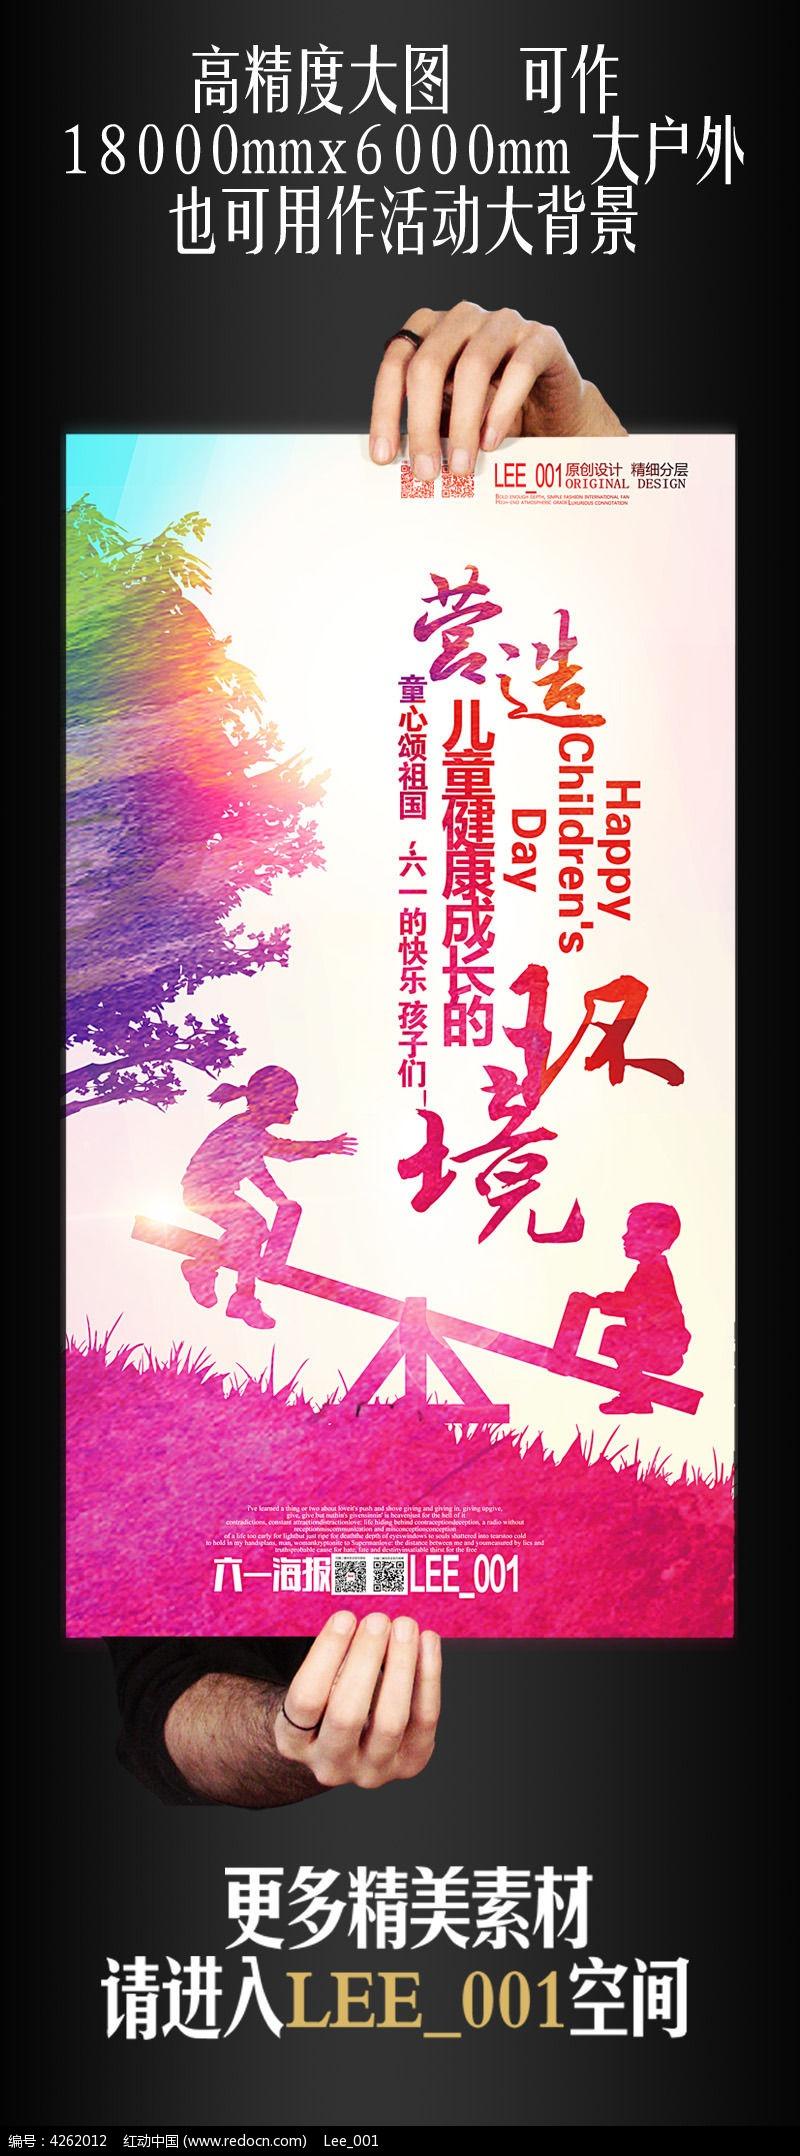 六一儿童节炫彩创意海报设计